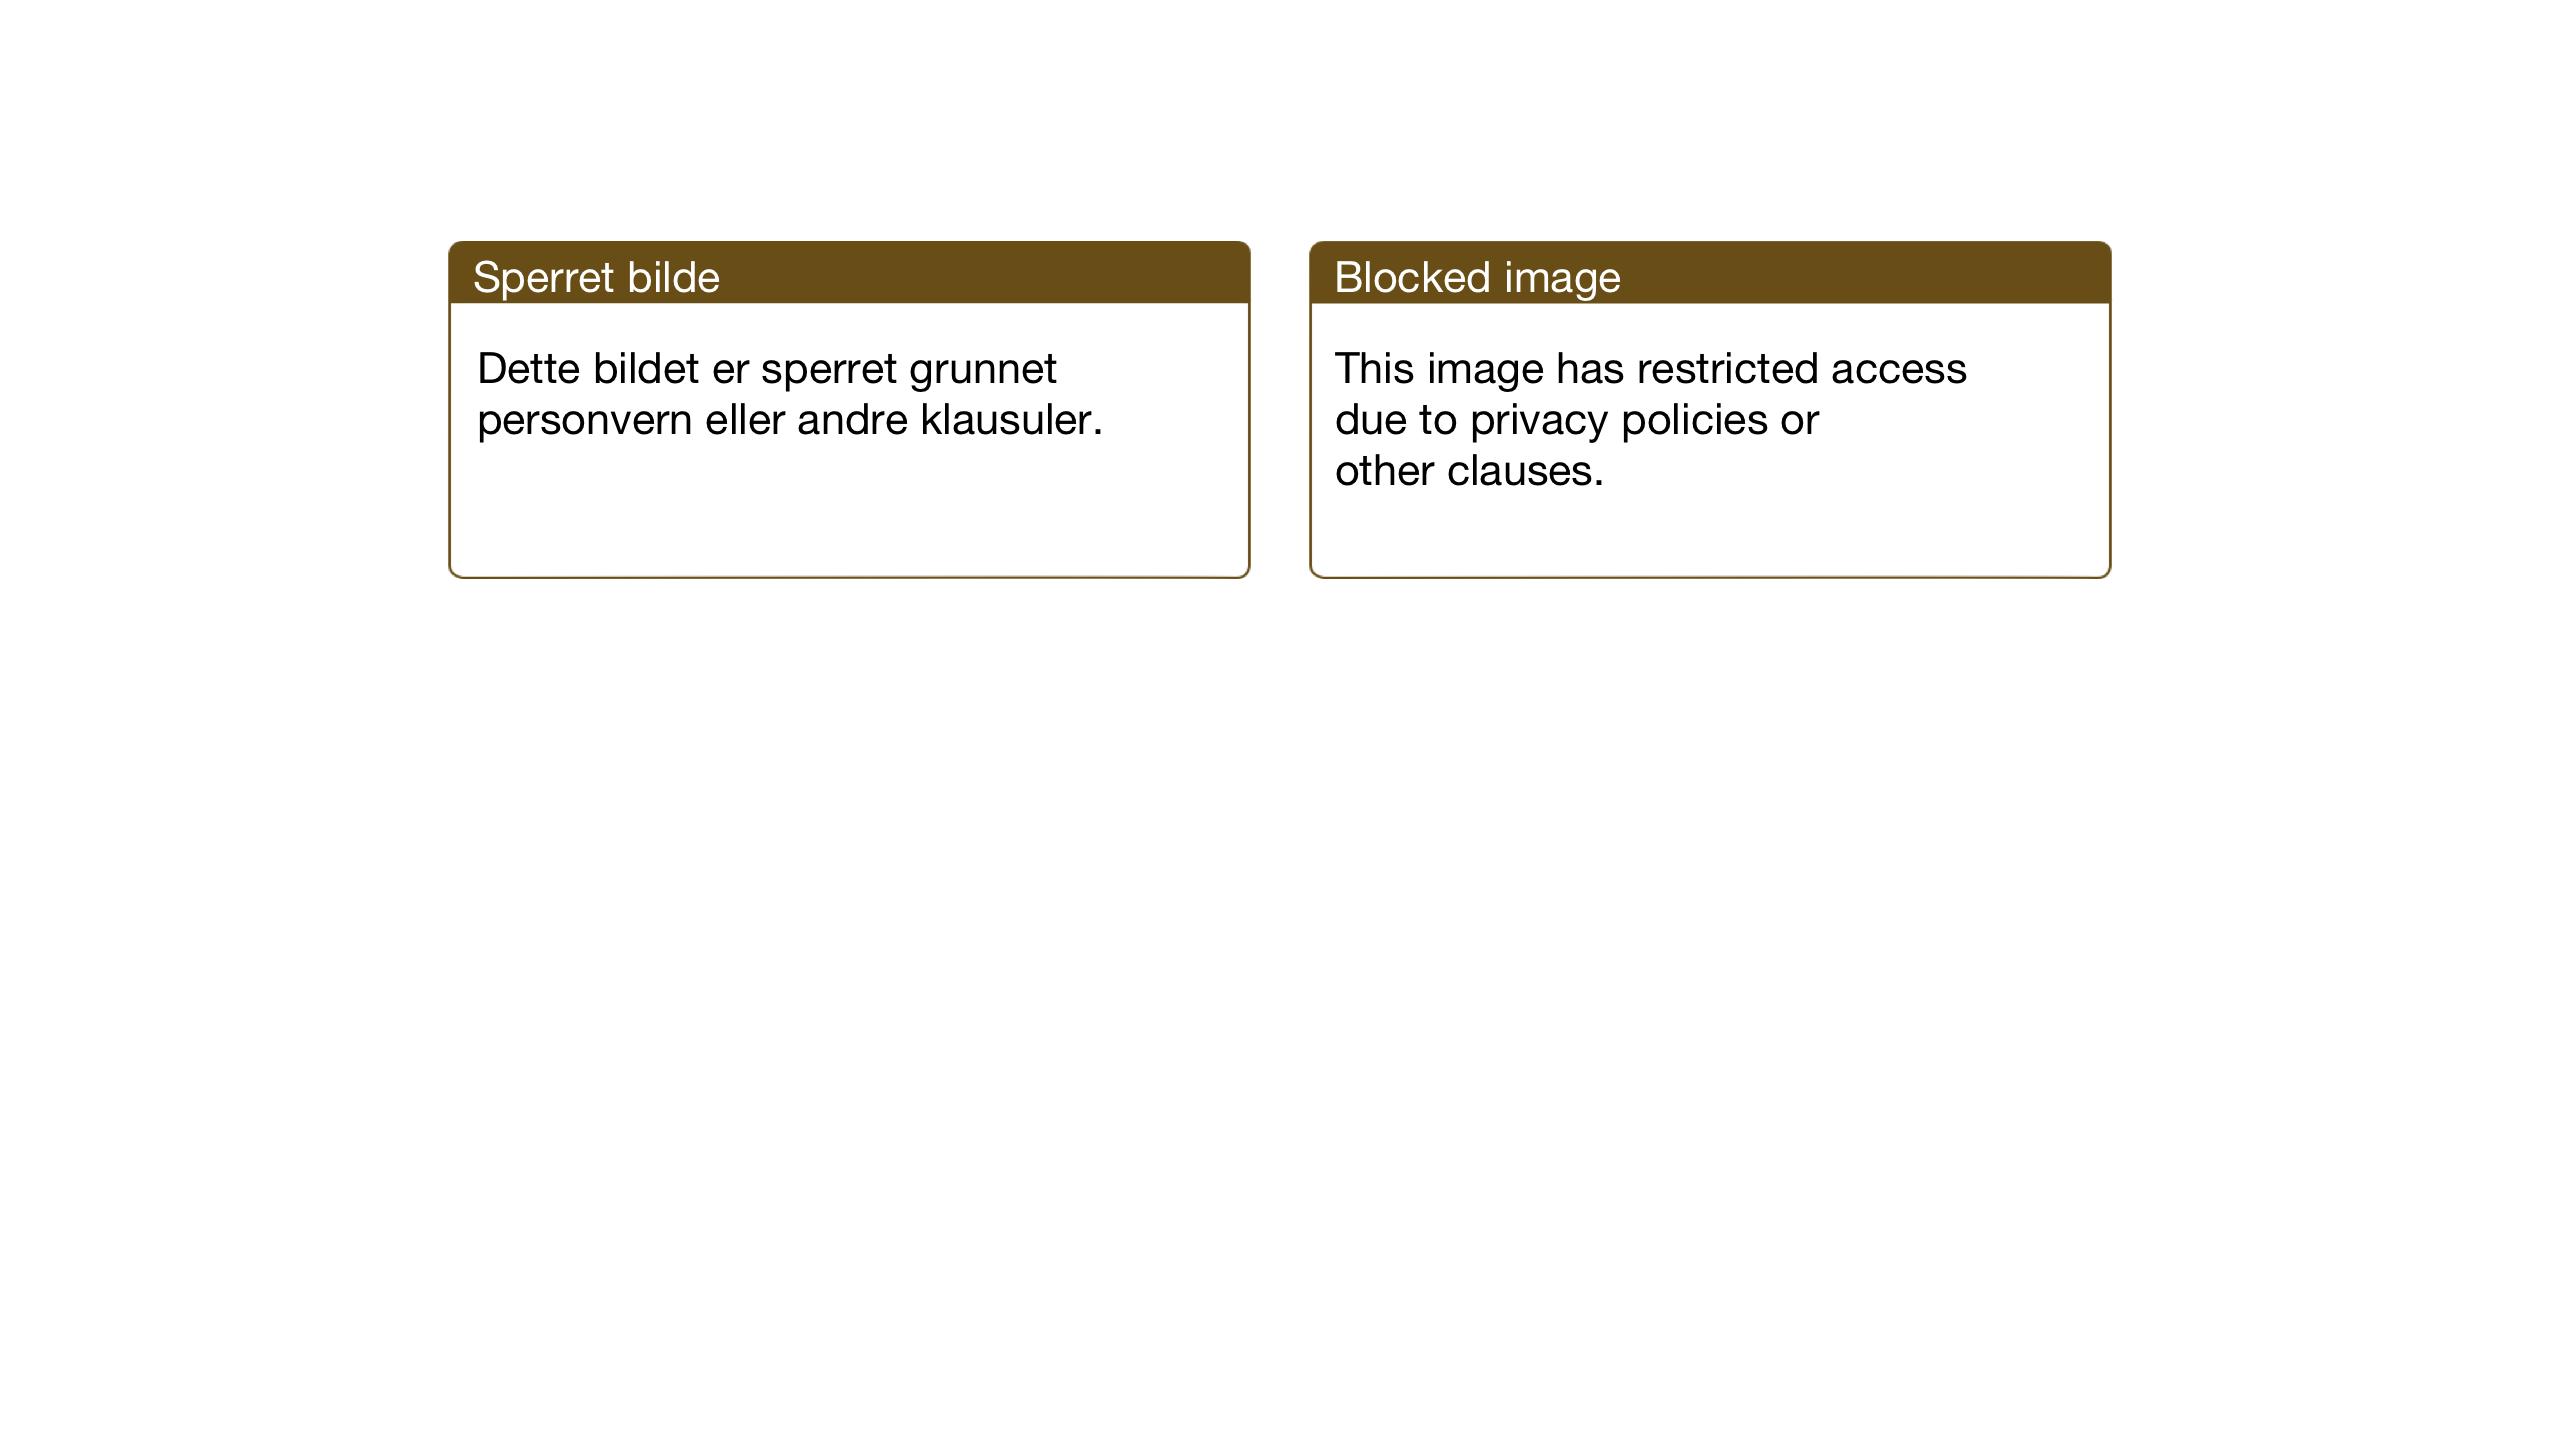 SAT, Ministerialprotokoller, klokkerbøker og fødselsregistre - Sør-Trøndelag, 617/L0431: Klokkerbok nr. 617C02, 1910-1936, s. 87